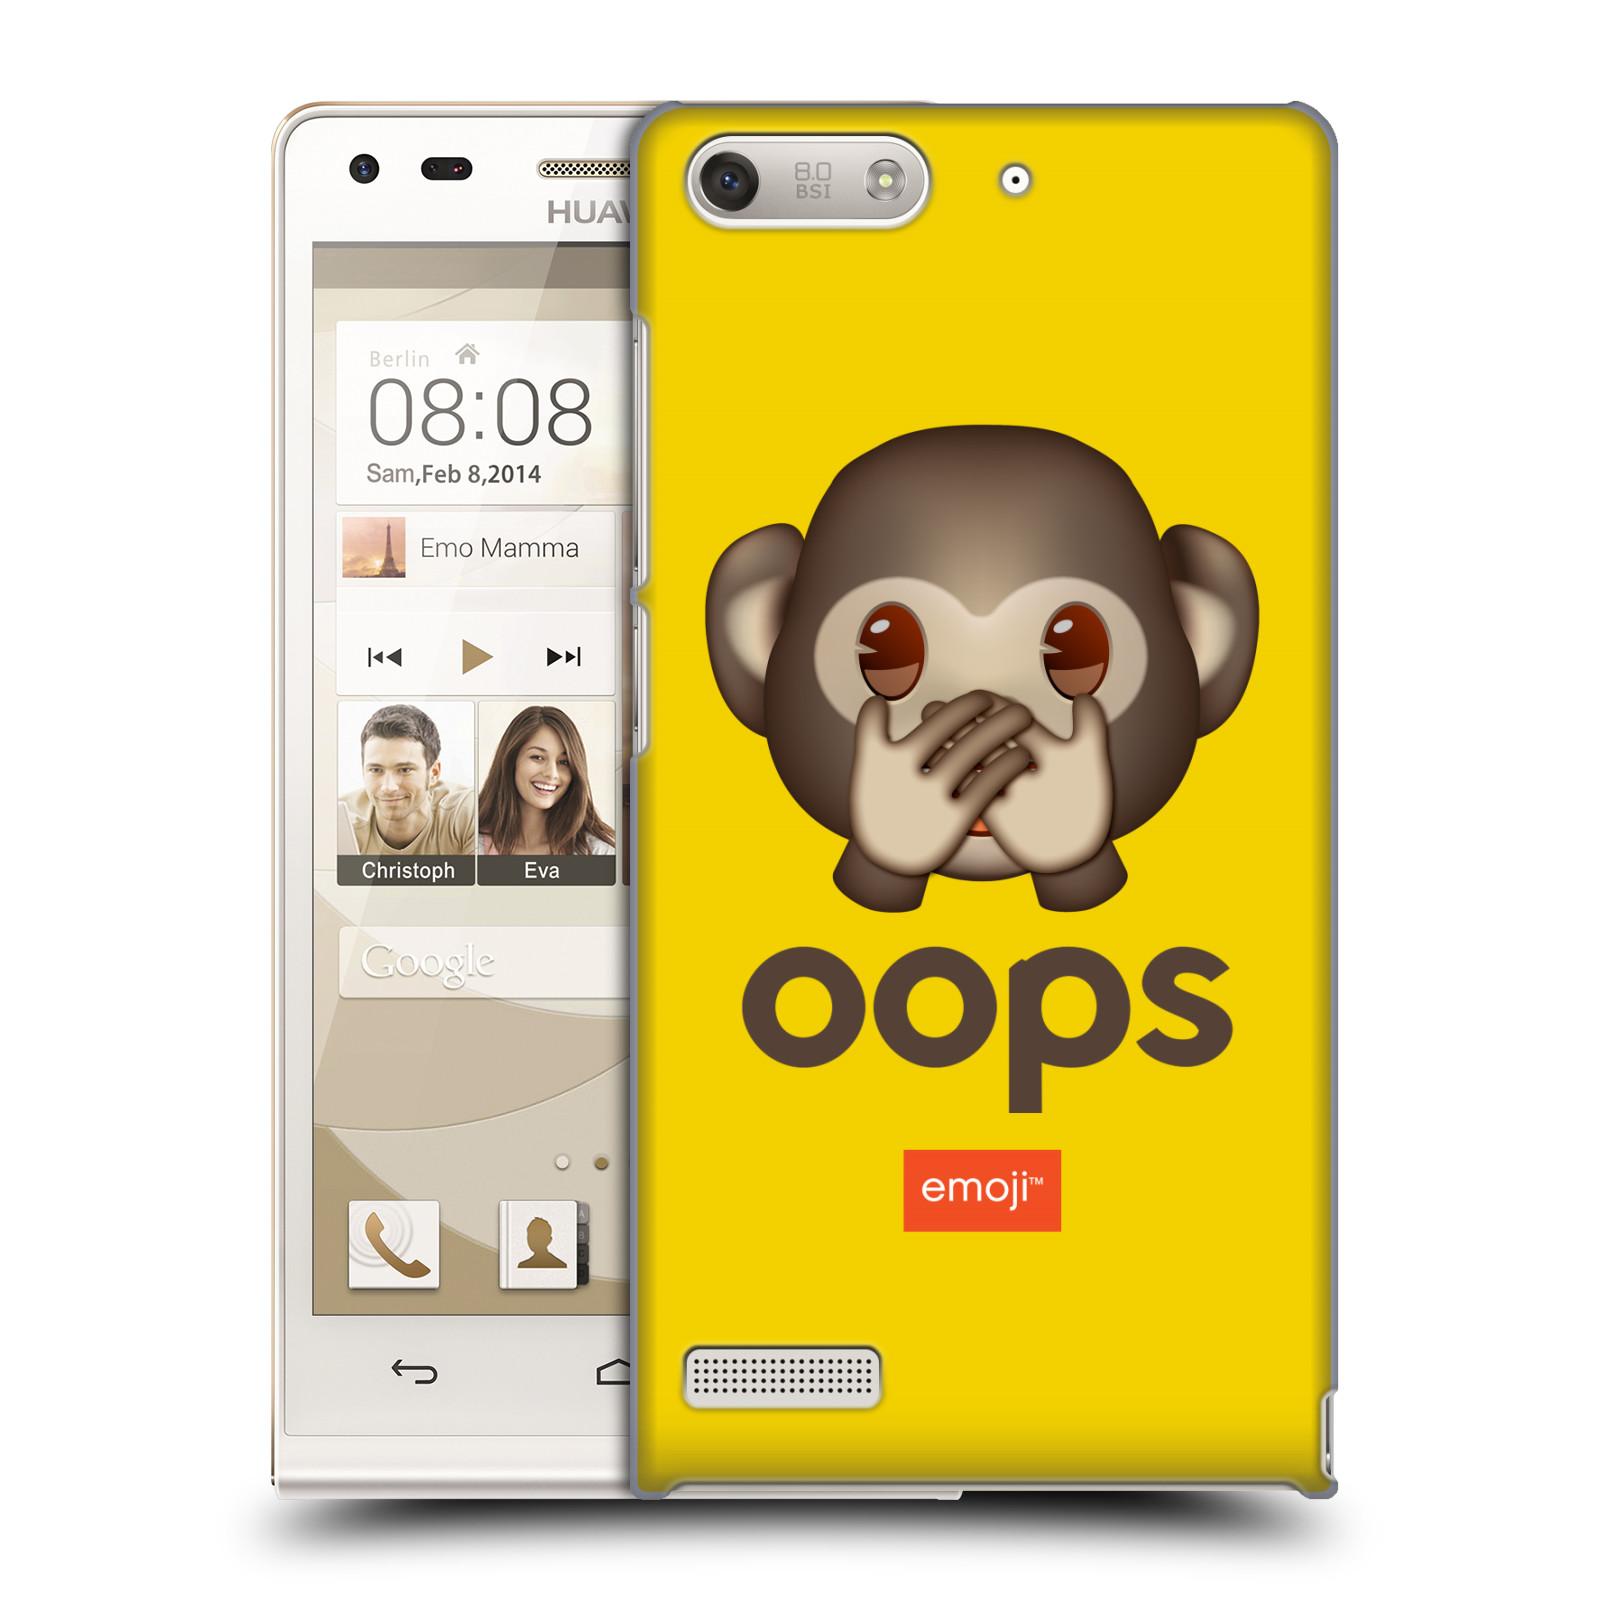 Plastové pouzdro na mobil Huawei Ascend G6 HEAD CASE EMOJI - Opička OOPS (Kryt či obal s oficiálním motivem EMOJI na mobilní telefon Huawei Ascend G6 bez LTE)